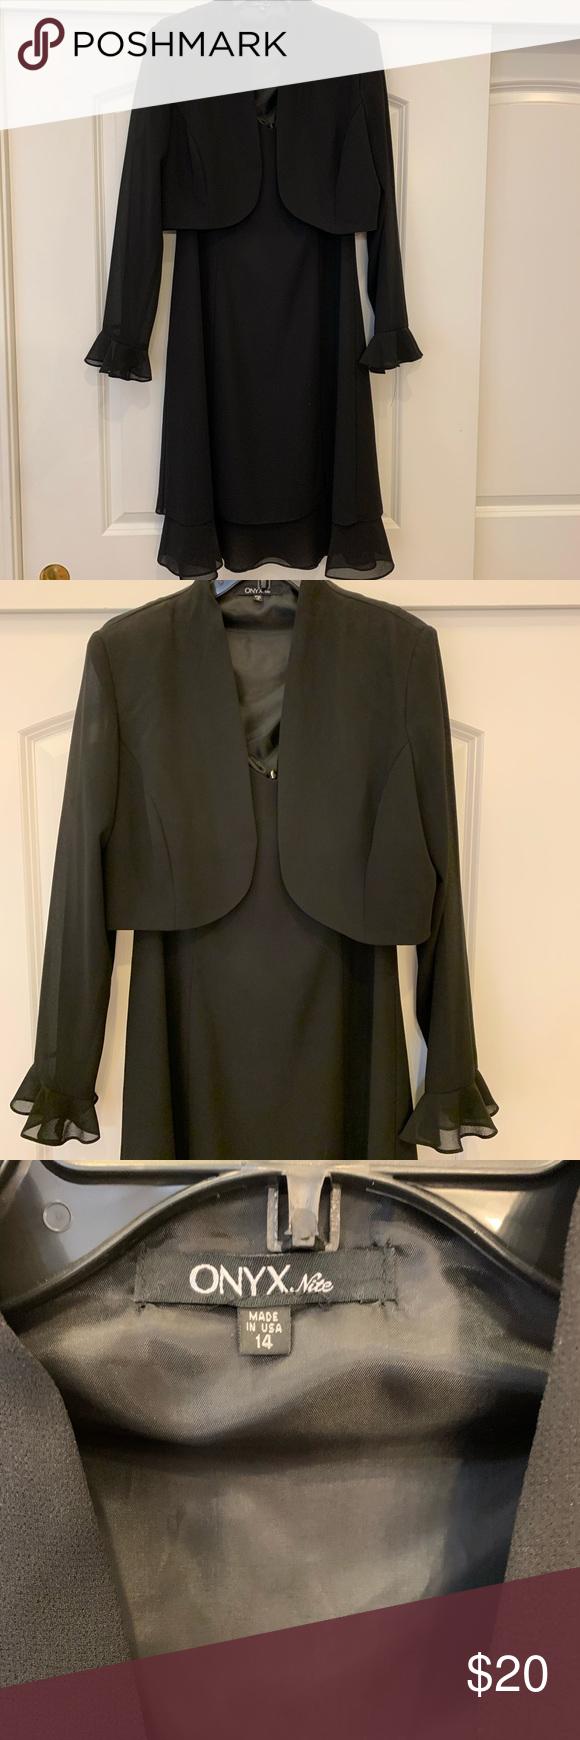 Women S Onyx Size 14 Black Dress With Jacket In 2020 Black Dress Size 14 Black Party Dresses Jacket Dress [ 1740 x 580 Pixel ]